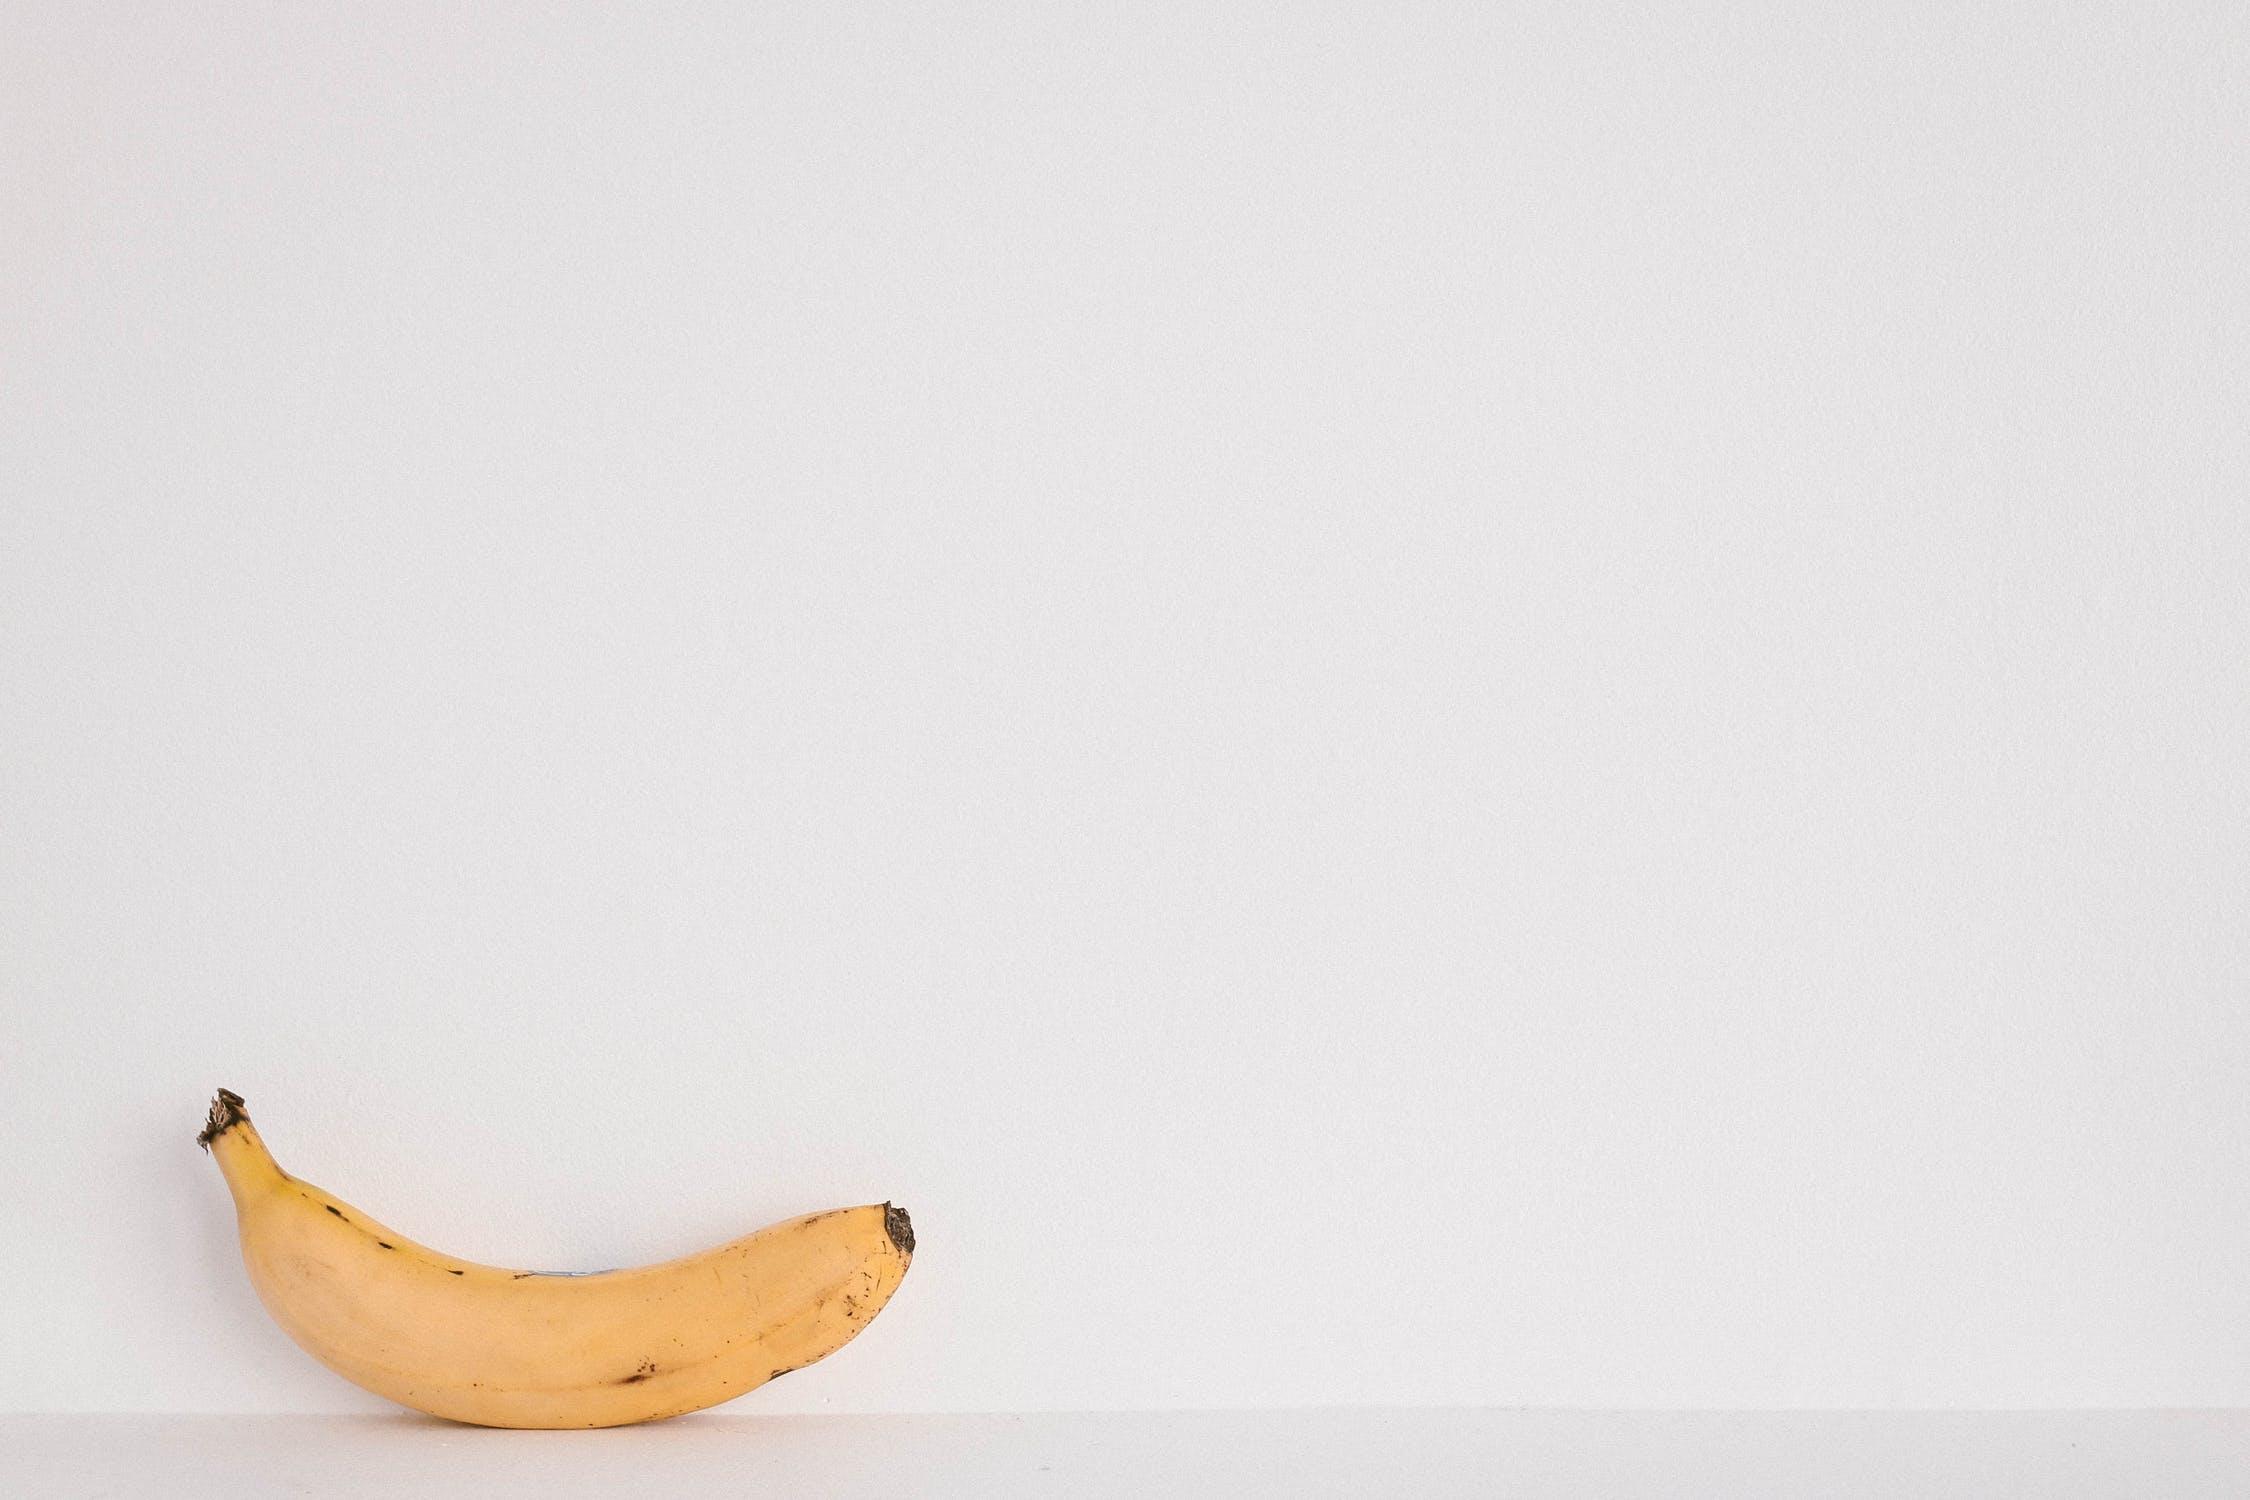 De leukste weetjes over bananen op Bananendag